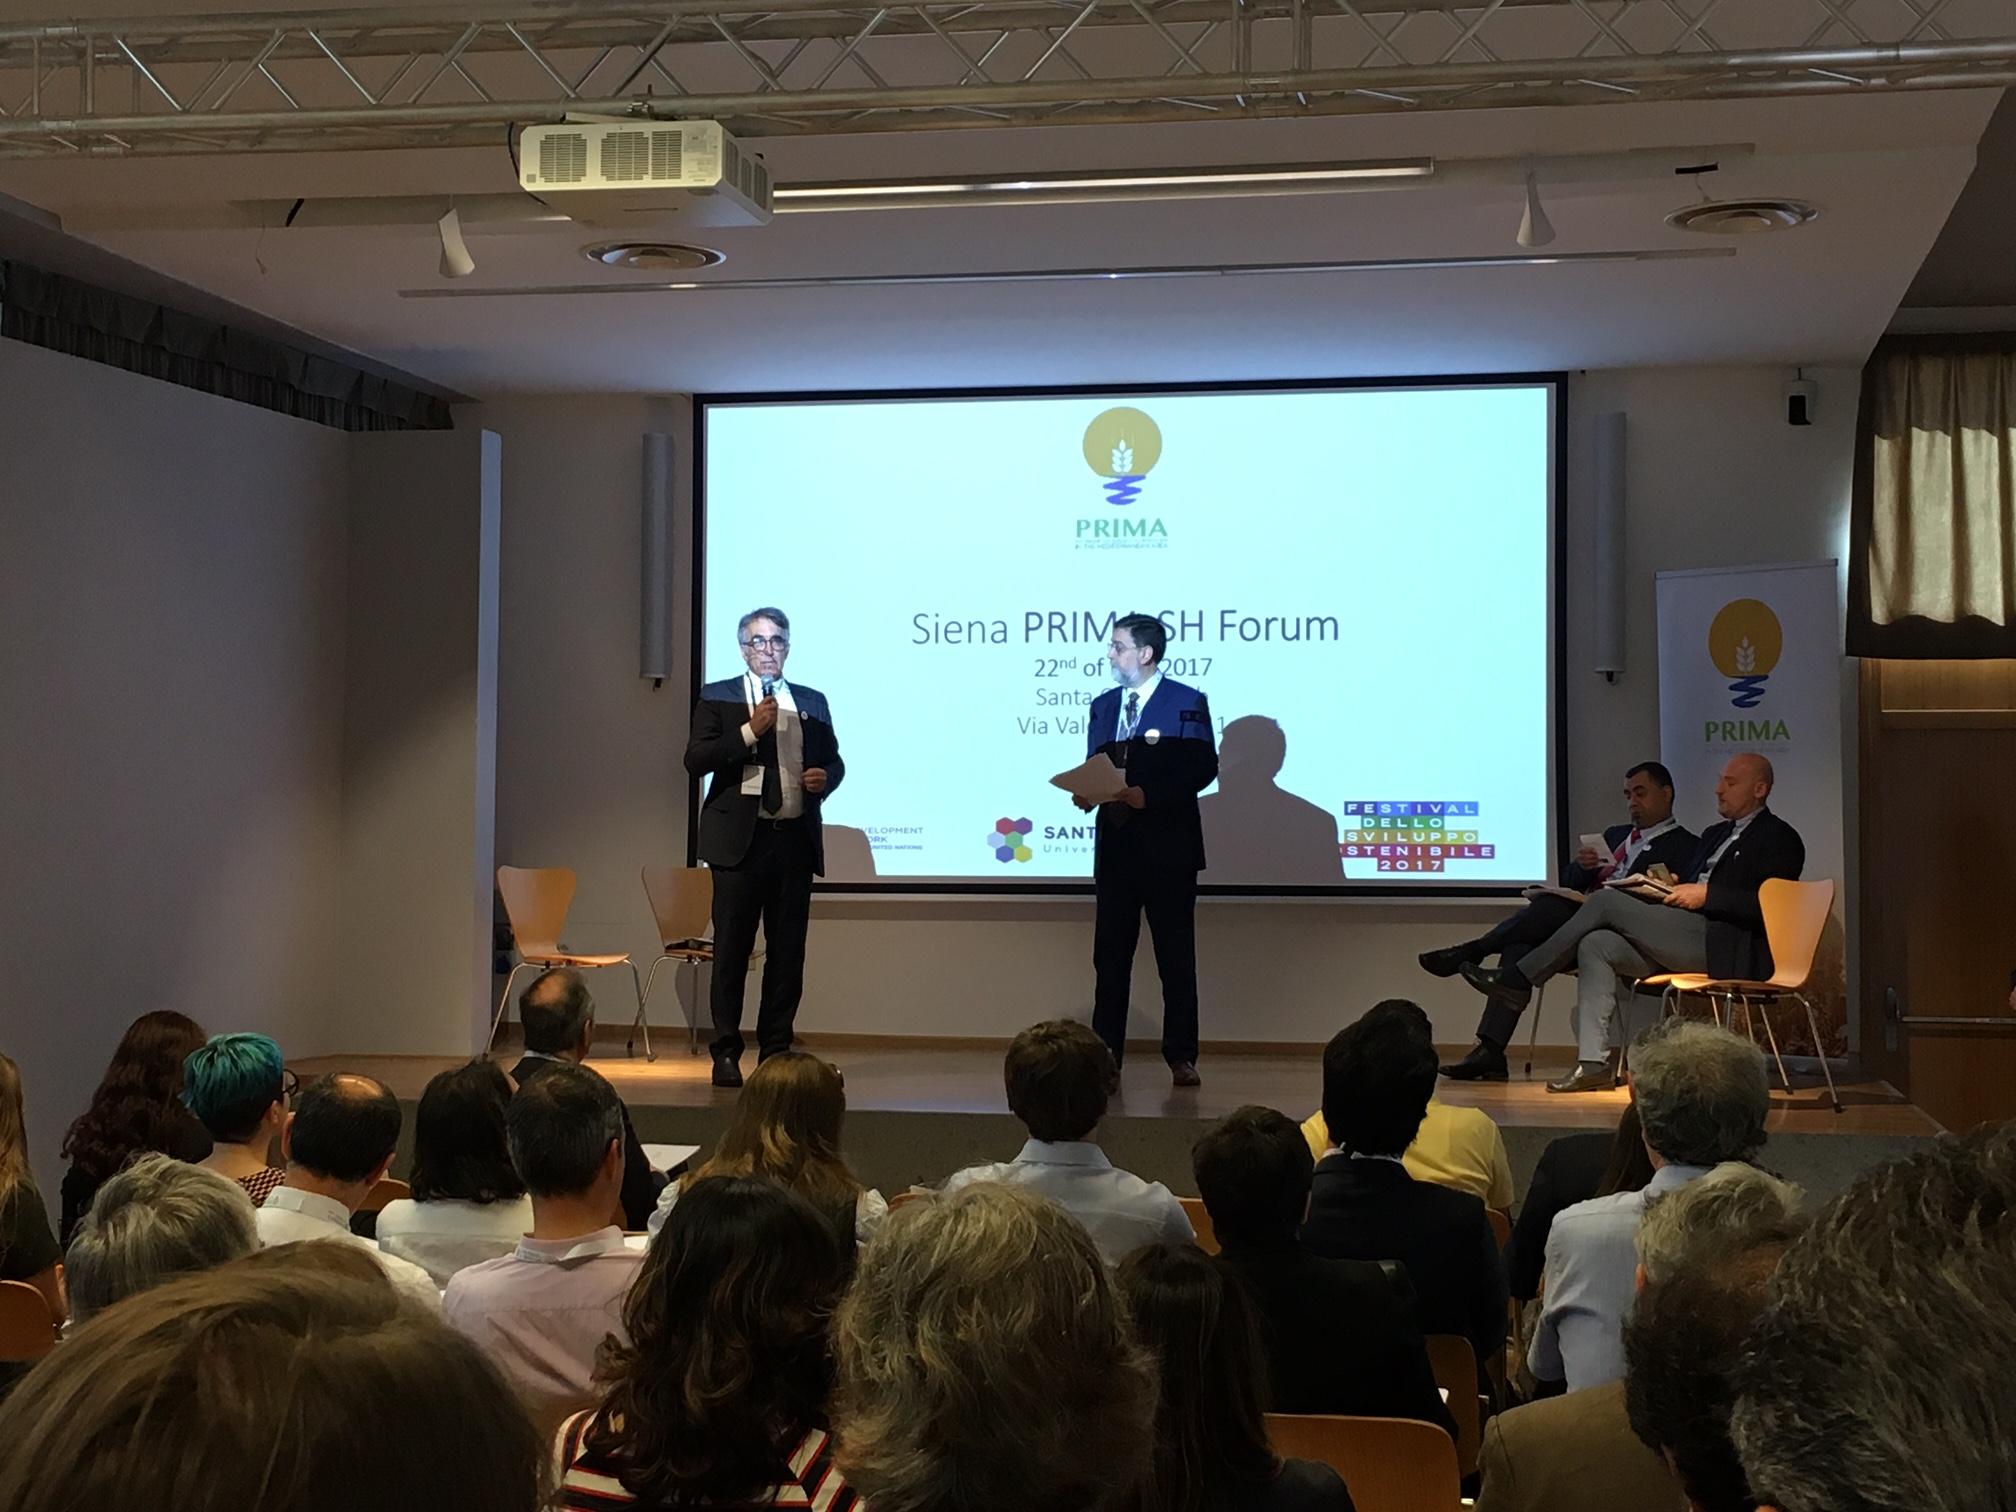 UNIDO ITPO Italy invitato a partecipare al  Forum degli Stakeholder dell'iniziativa PRIMA